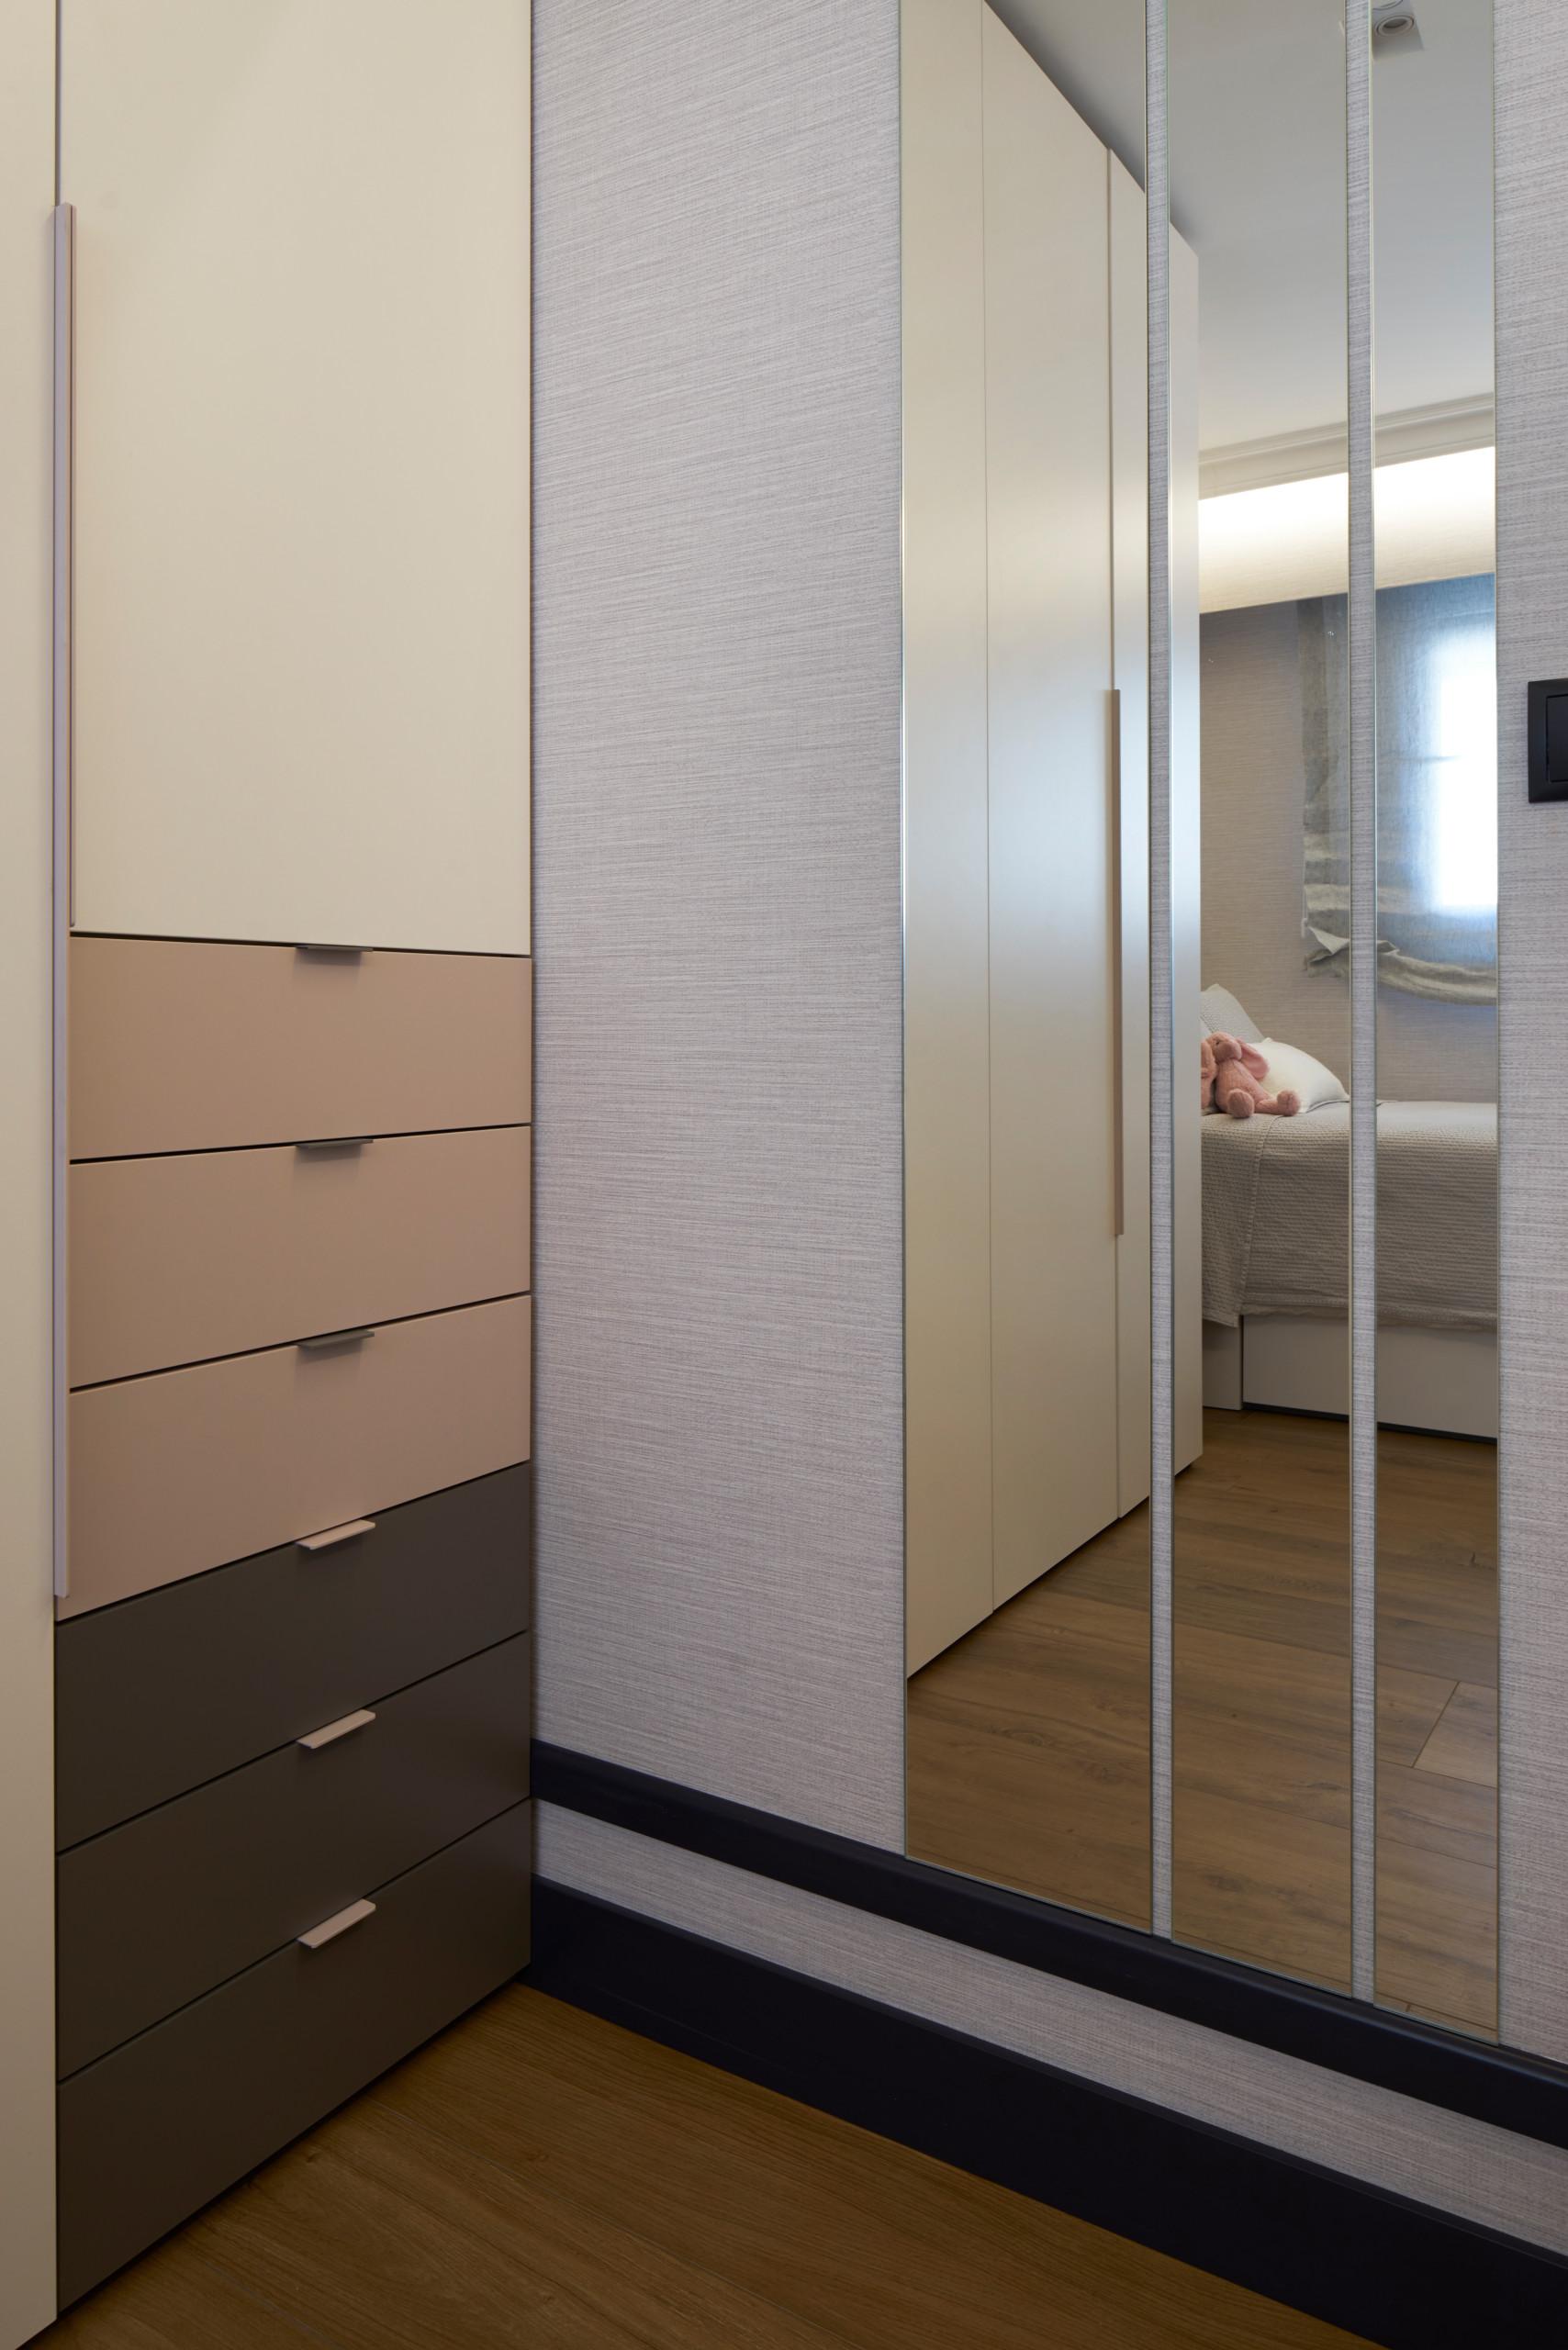 Detalle del juego de espejos a medida en dormitorio infantil